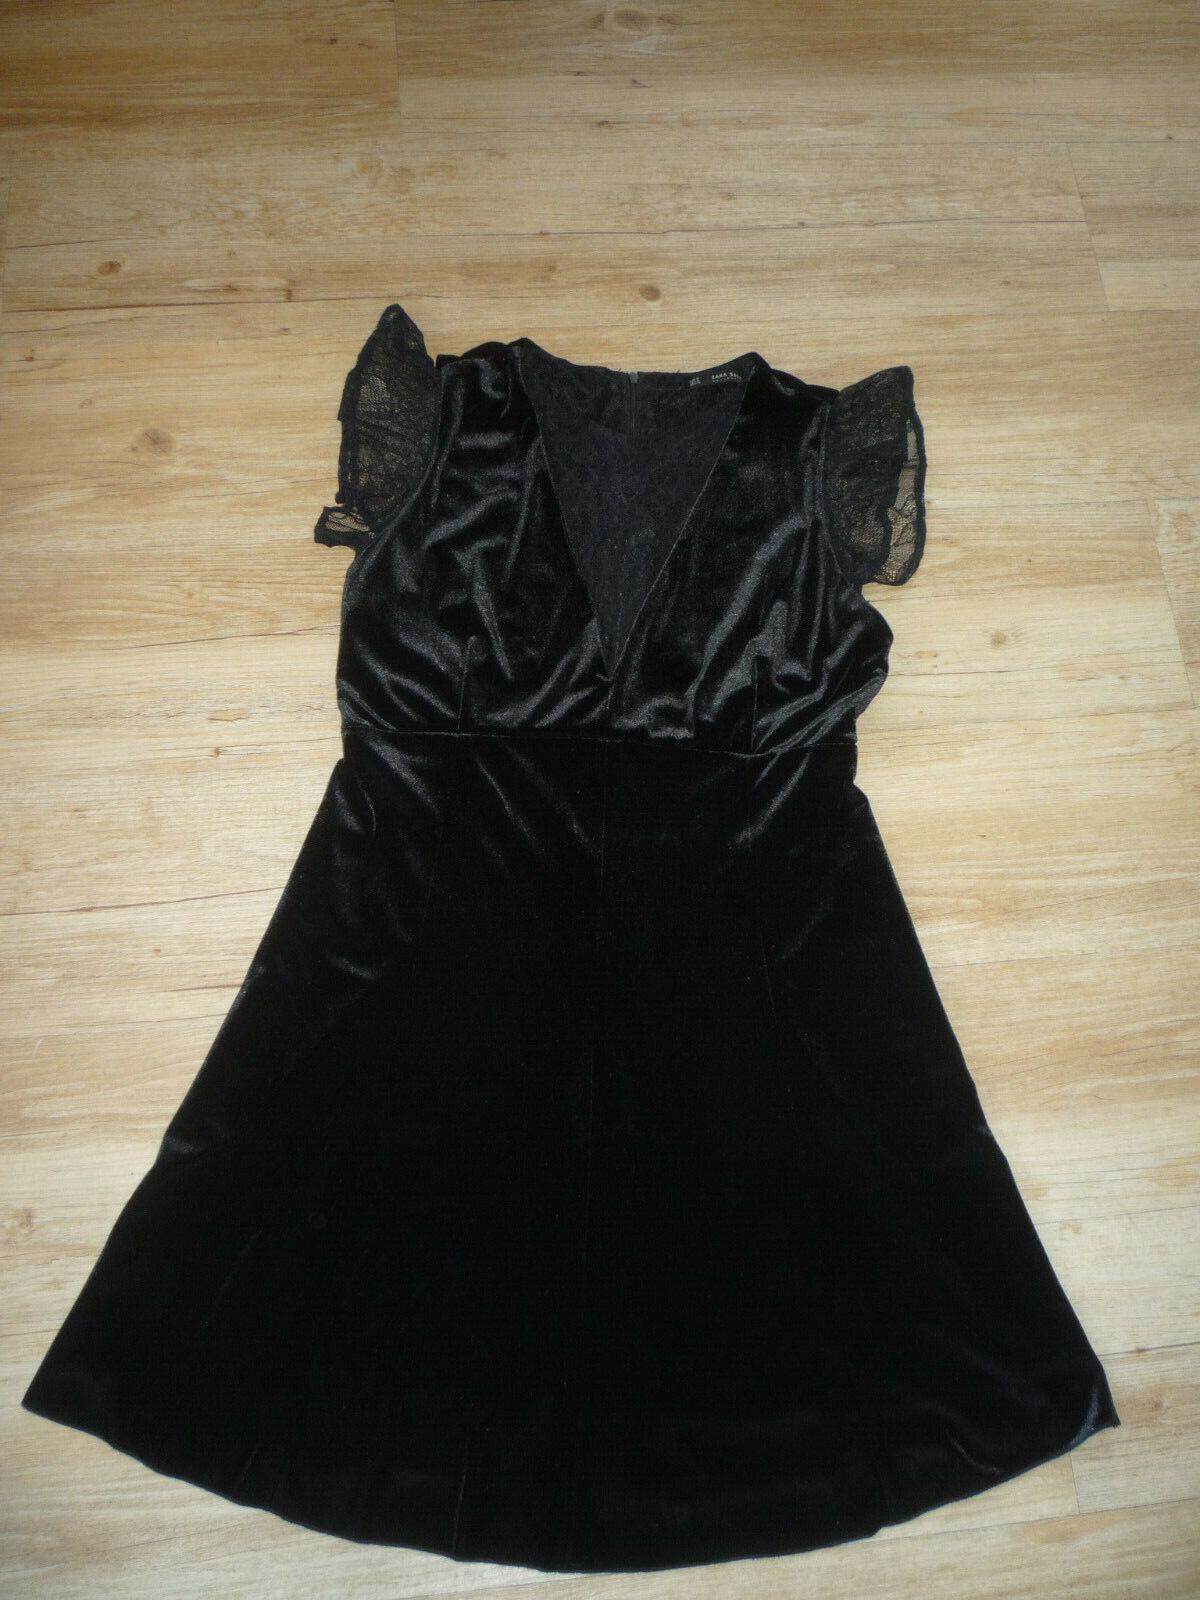 Kleid, Kurzarm, festlich, schwarze Spitze, Zara, neu, 2020, M, 38,40, schwingend